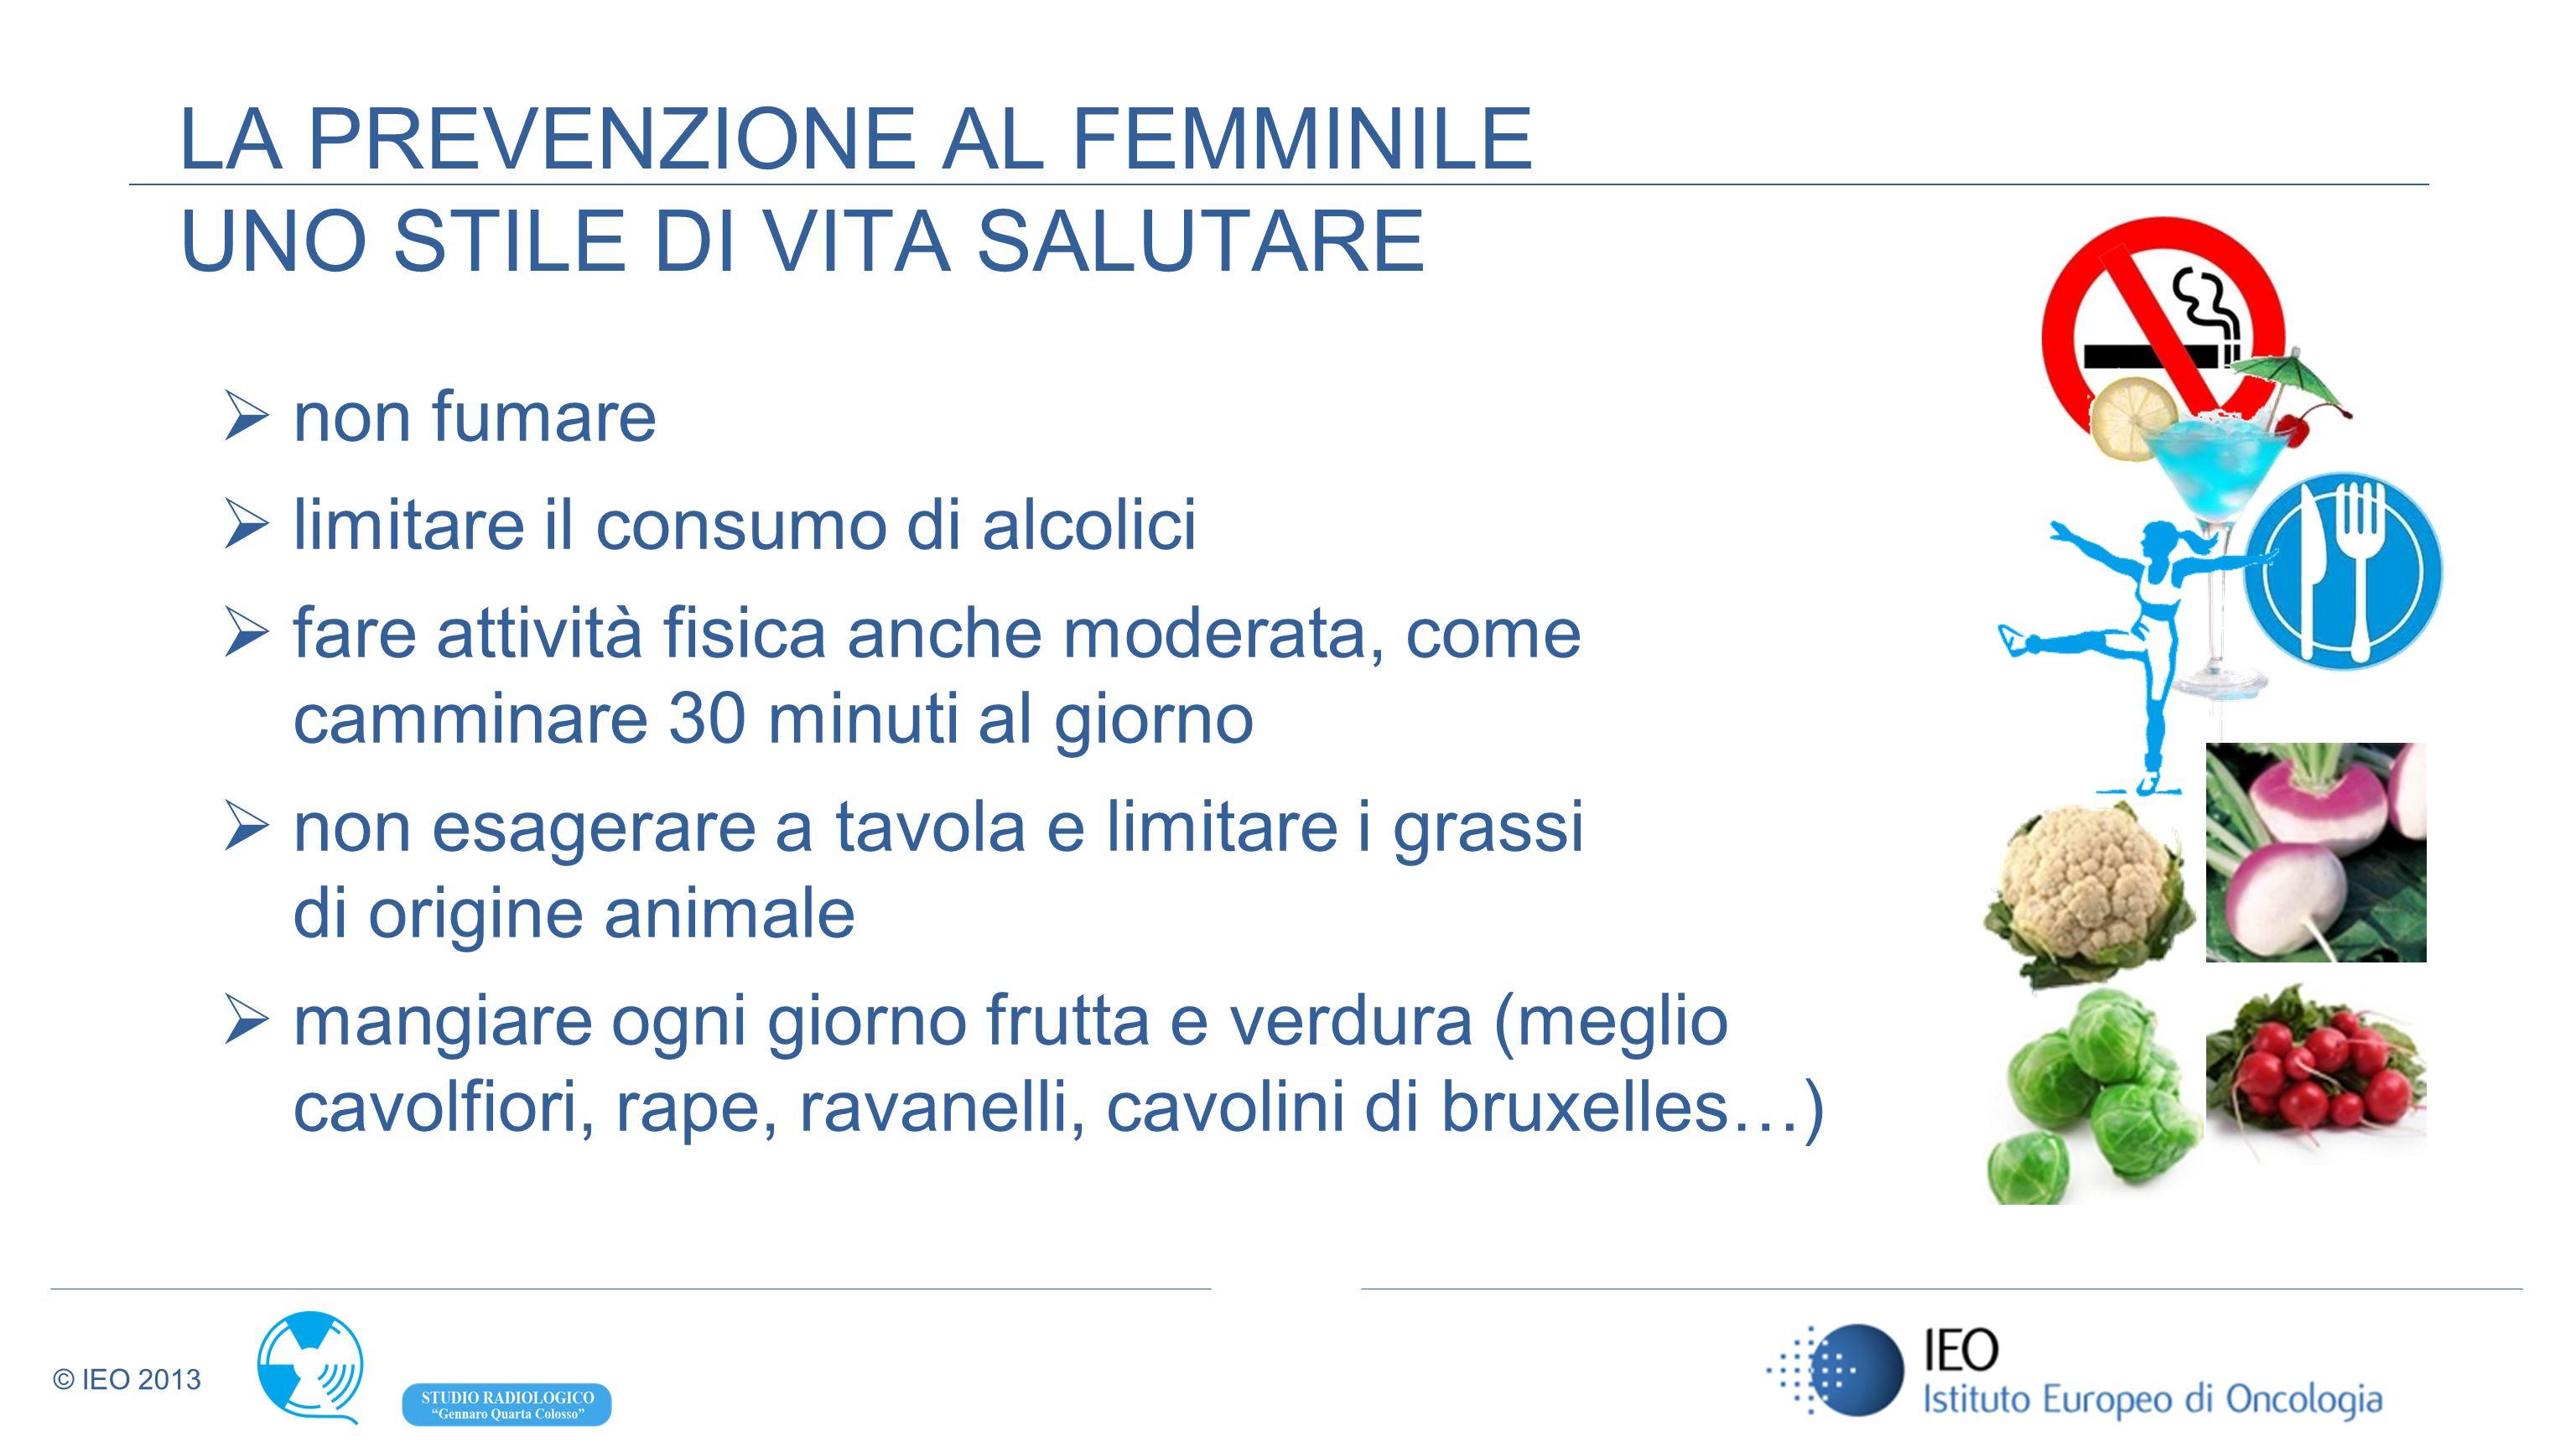 © IEO 2013 LA PREVENZIONE AL FEMMINILE UNO STILE DI VITA SALUTARE non fumare limitare il consumo di alcolici fare attività fisica anche moderata, come